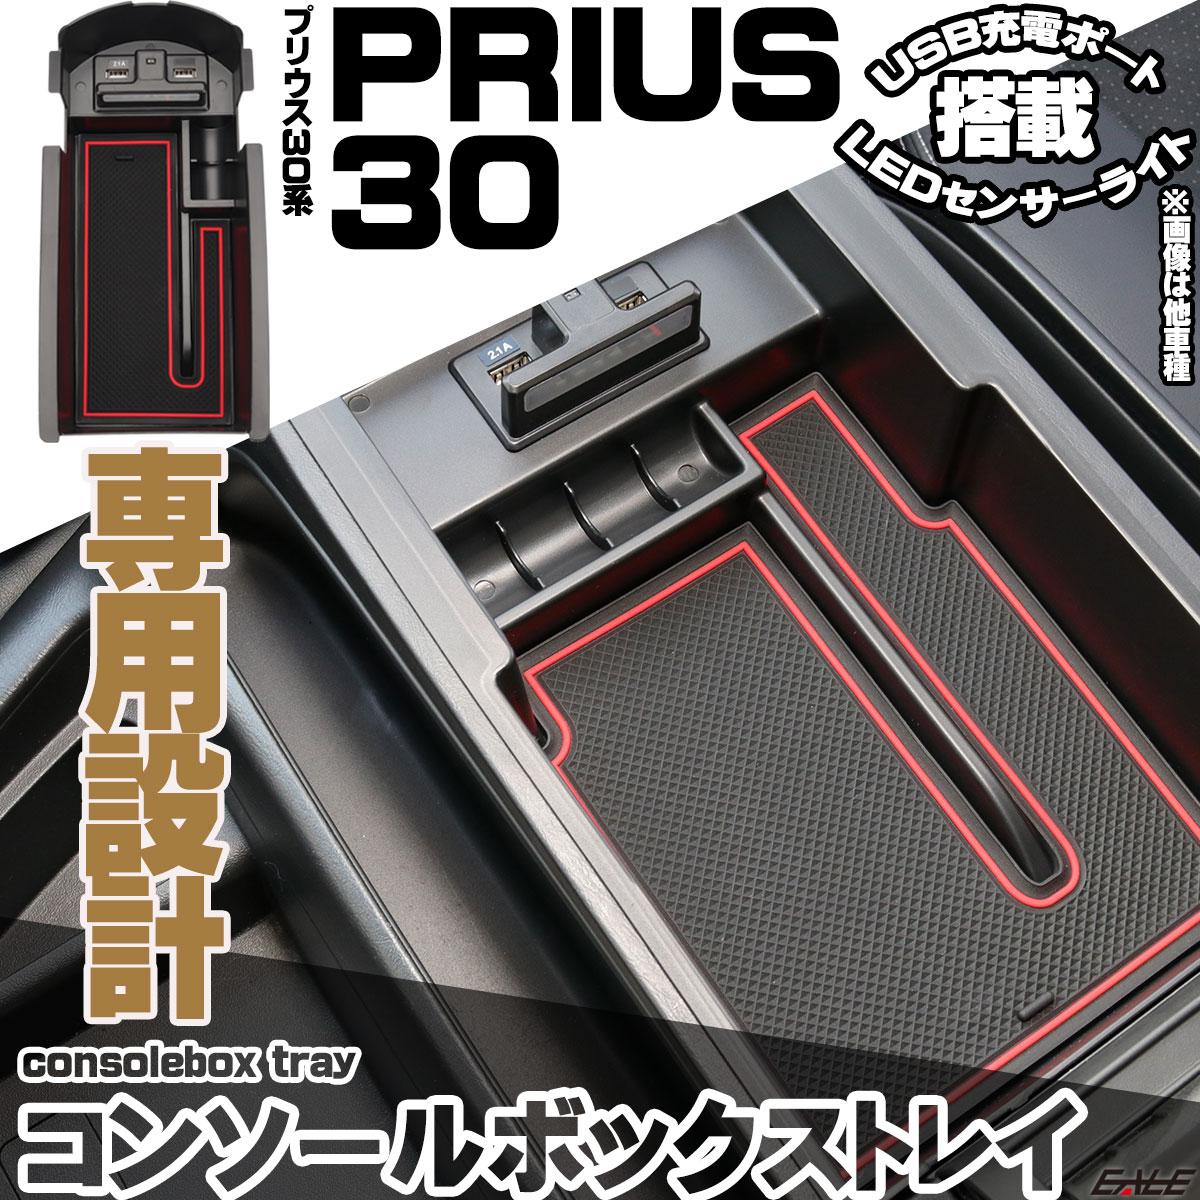 プリウス PRIUS 30系 前期 後期 専用設計 センター コンソール ボックス トレイ USB 2ポート 急速充電 QC3.0対応 LED センサーライト 搭載 S-878